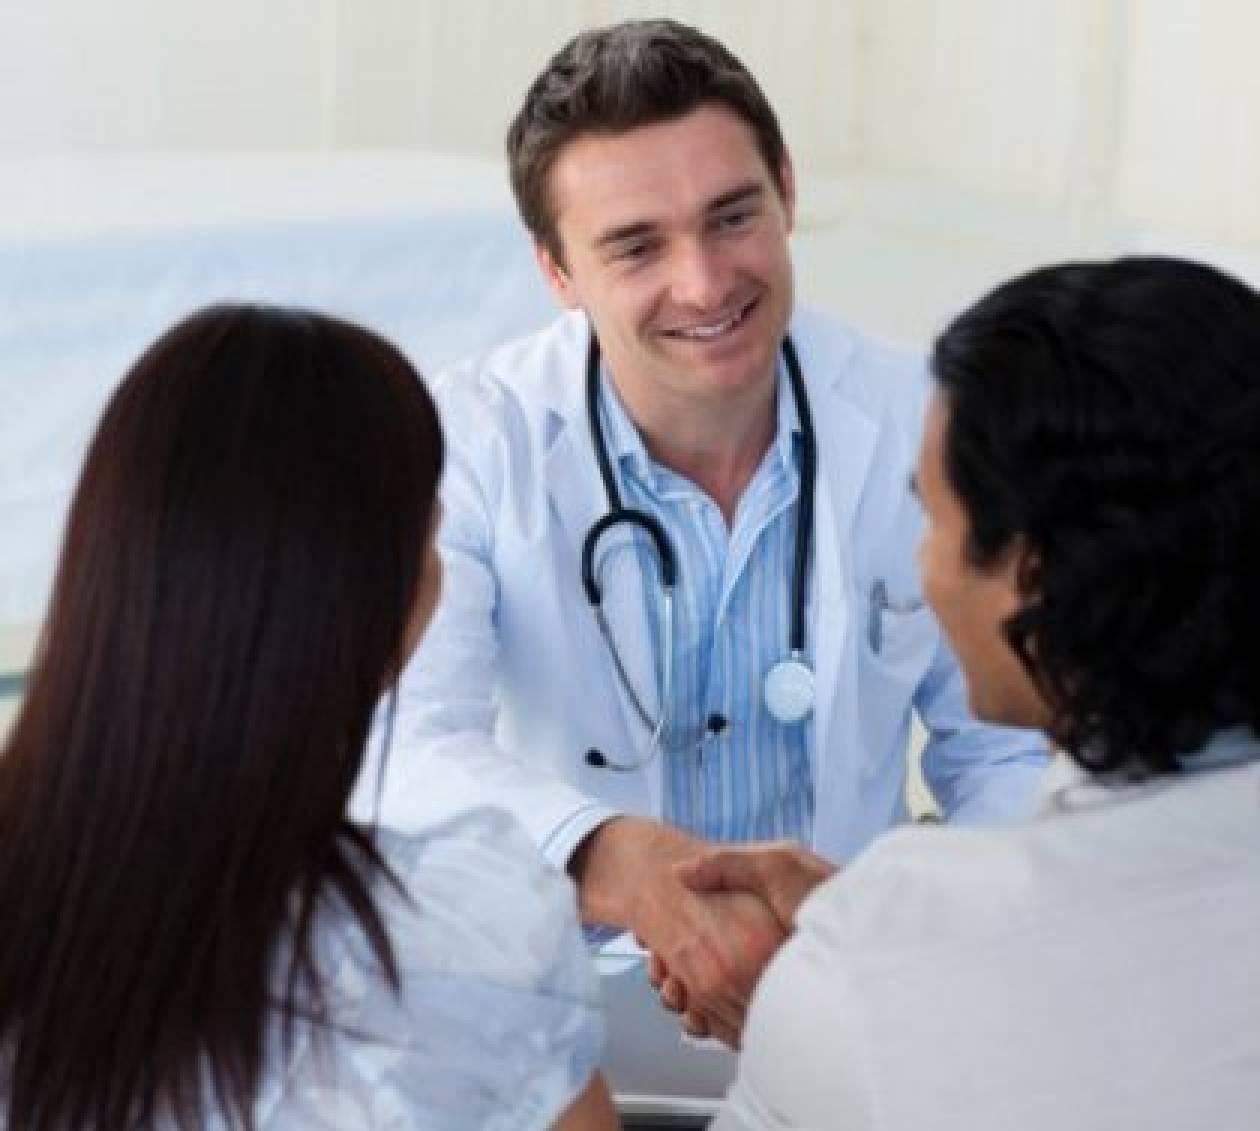 Κολπίτιδα: μια νόσος που αφορά και τους δυο σας